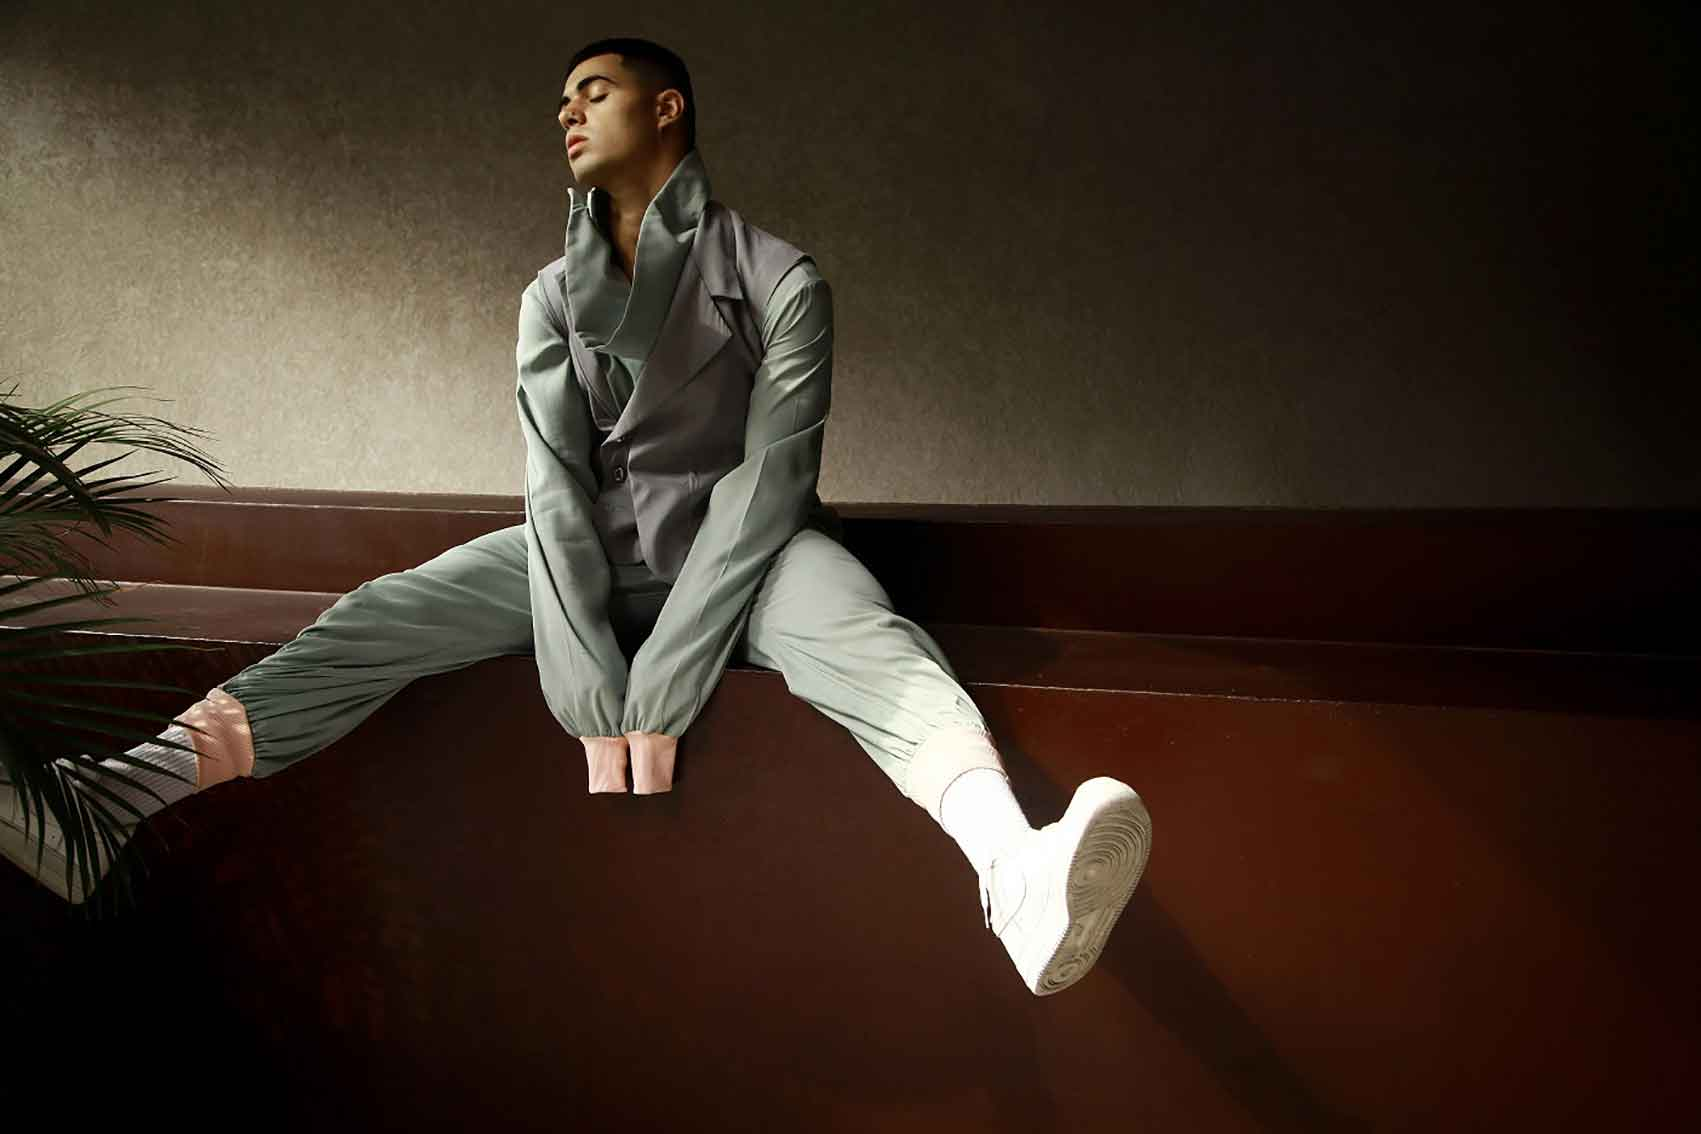 יהונתן-מרגי-מגזין-אופנה-טטי-כהן-המחלקה-לצורפות-ואופנה-בצלאל